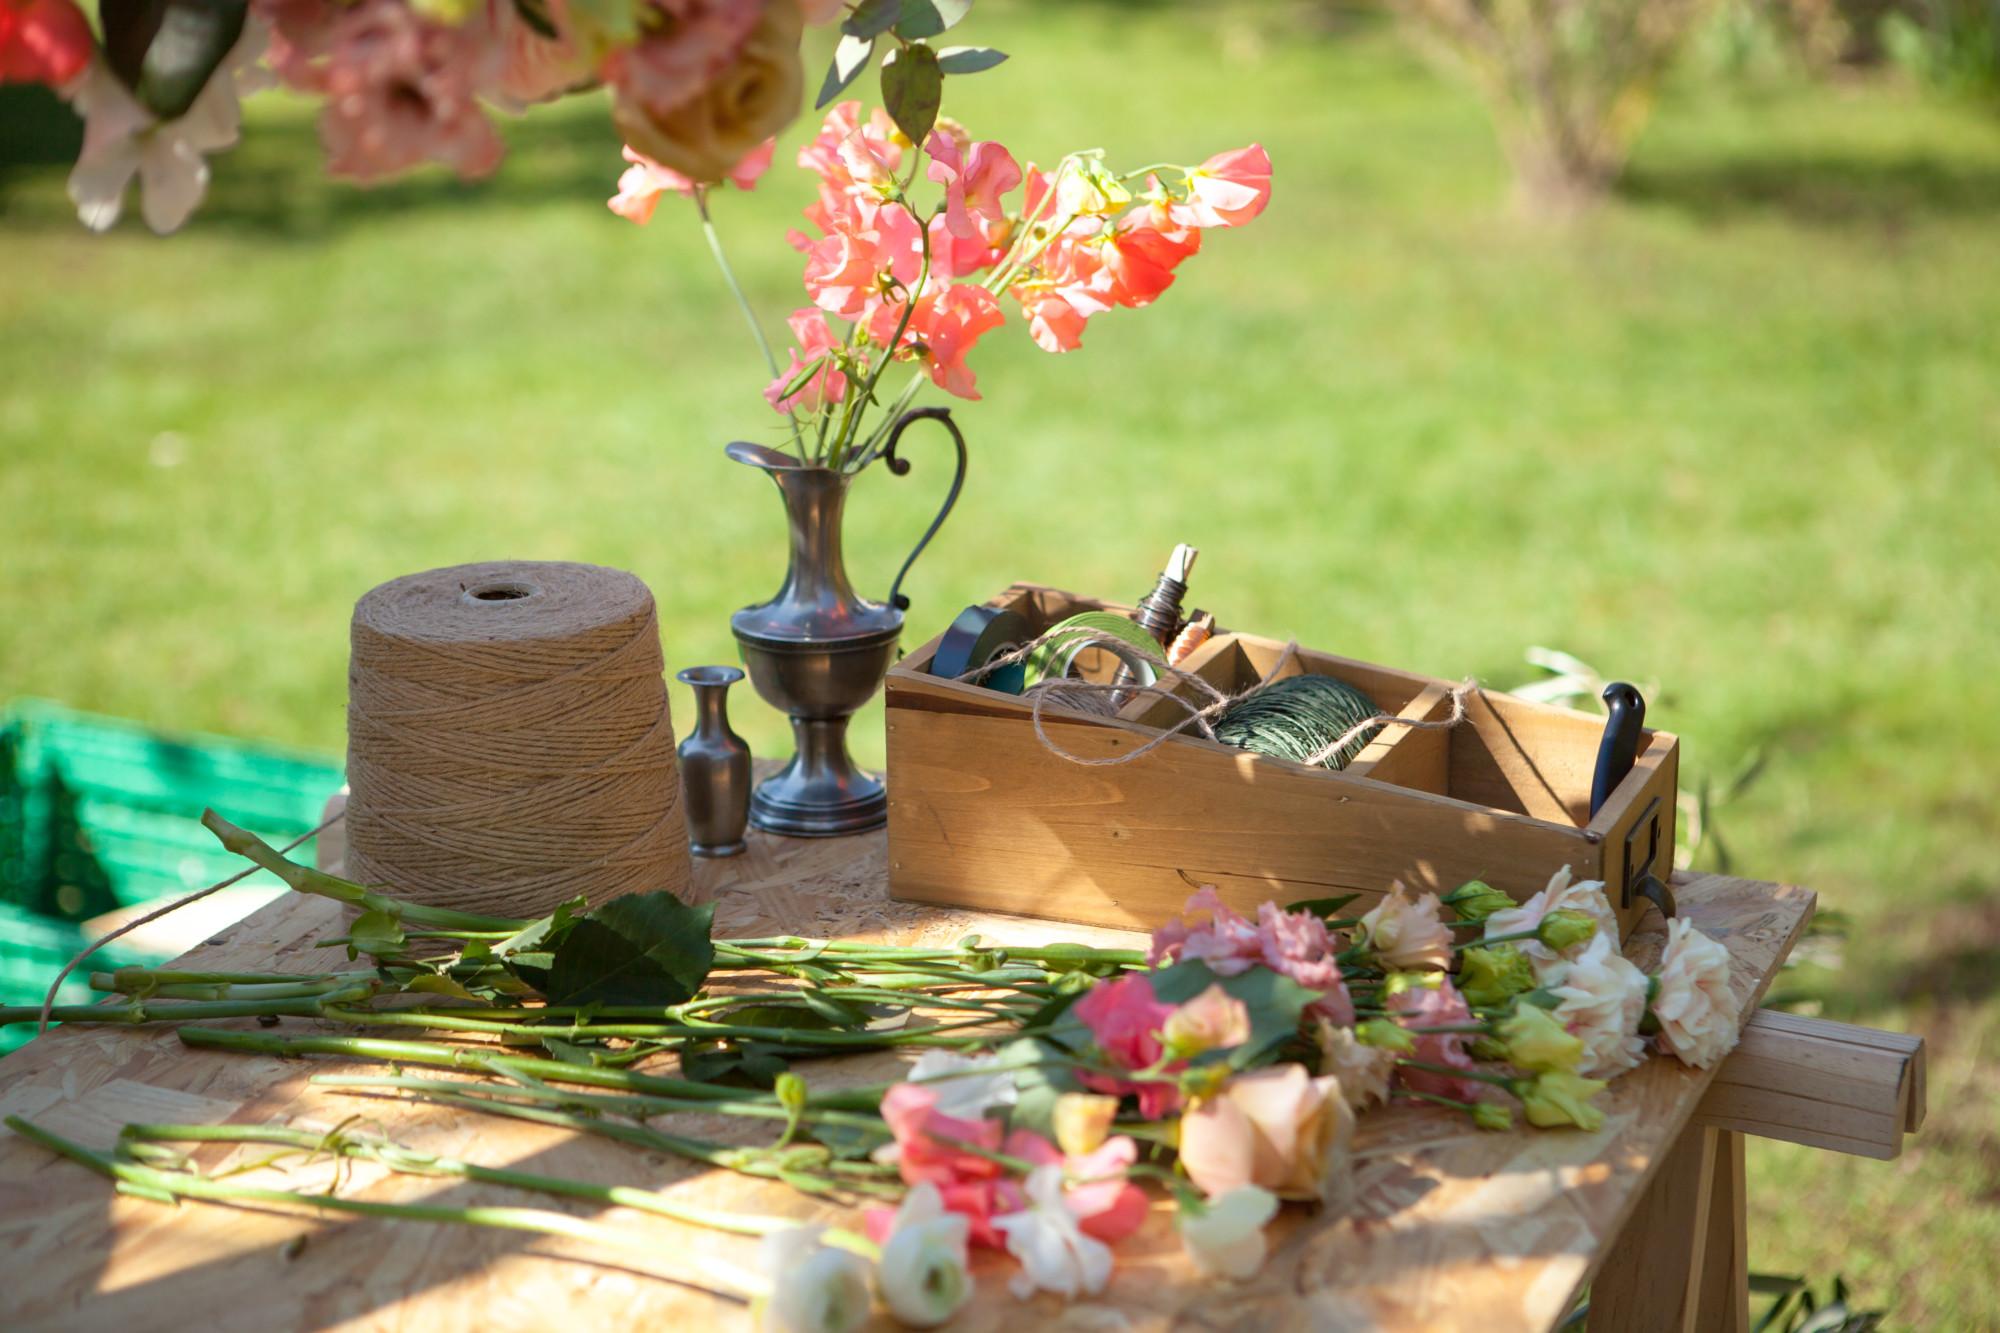 Ficelle Atelier floral